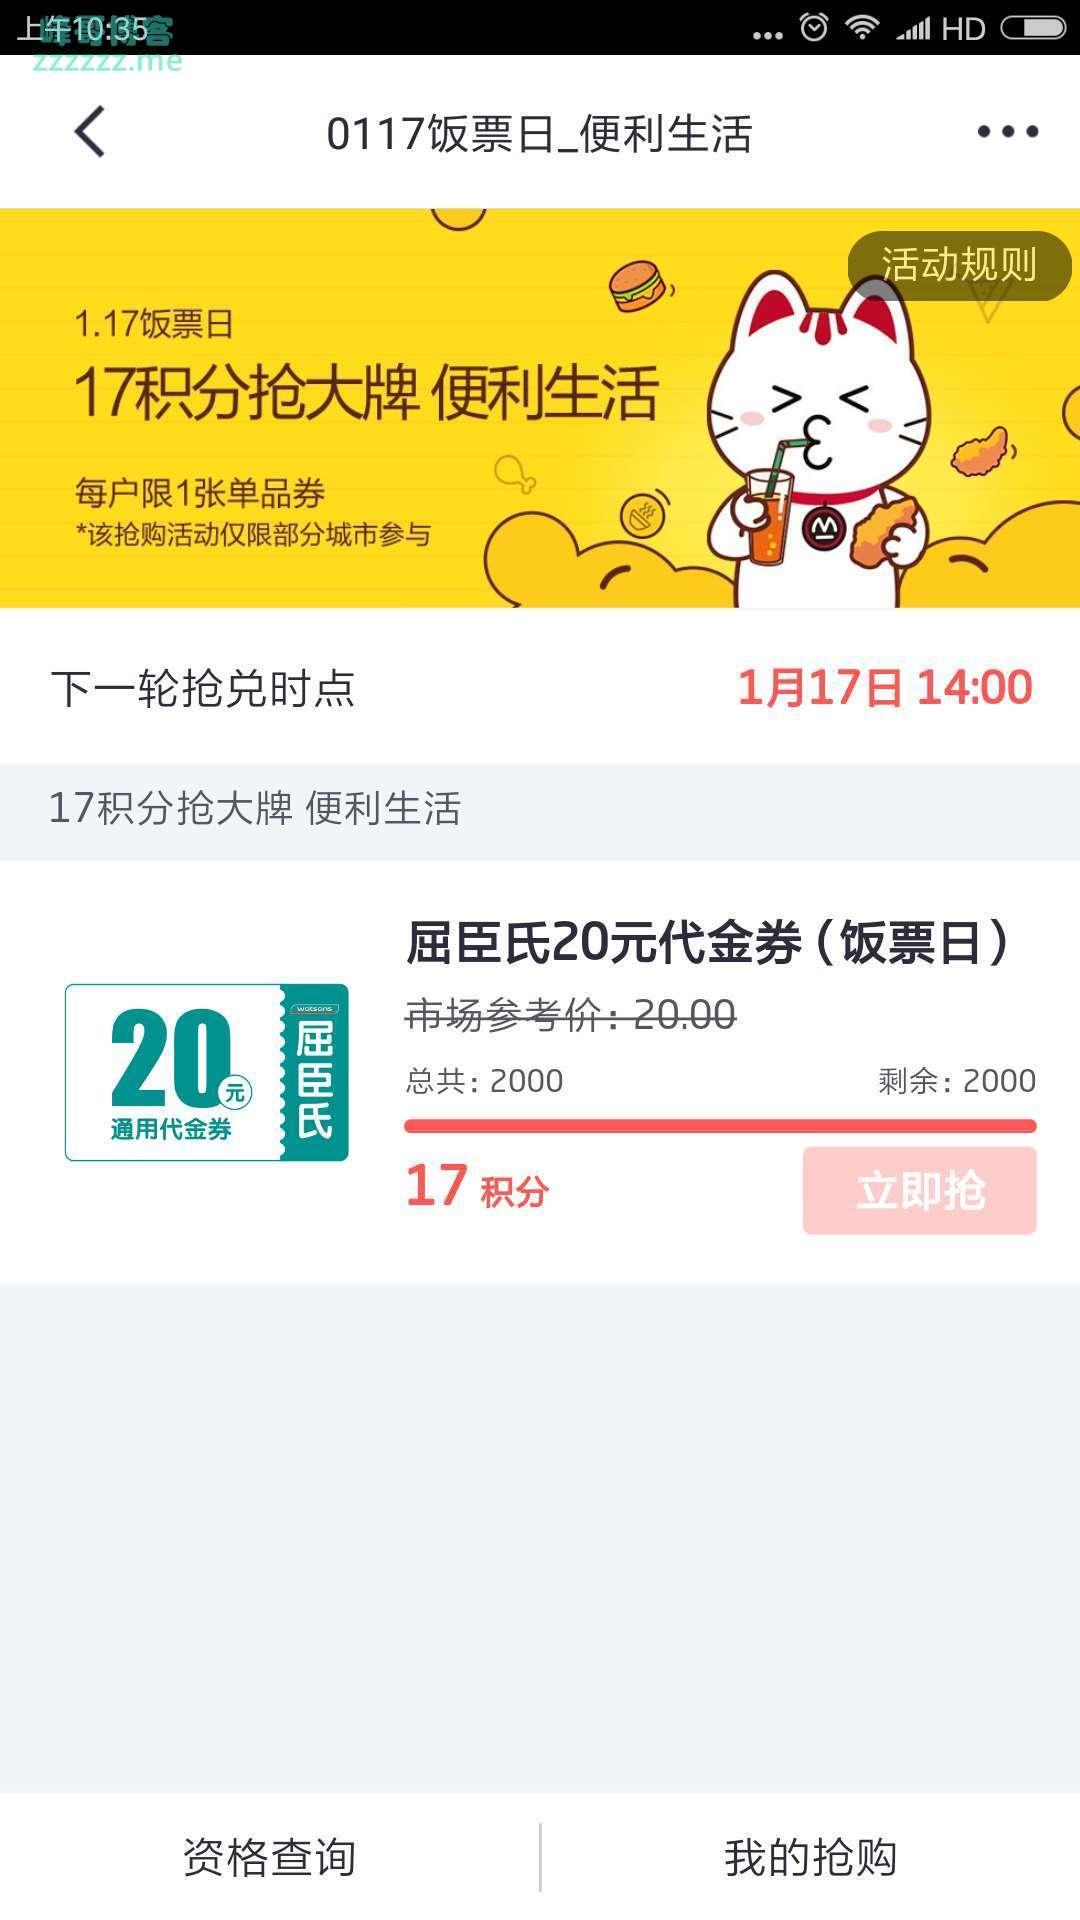 <掌上生活>0117饭票日 便利生活(截至1月17日)